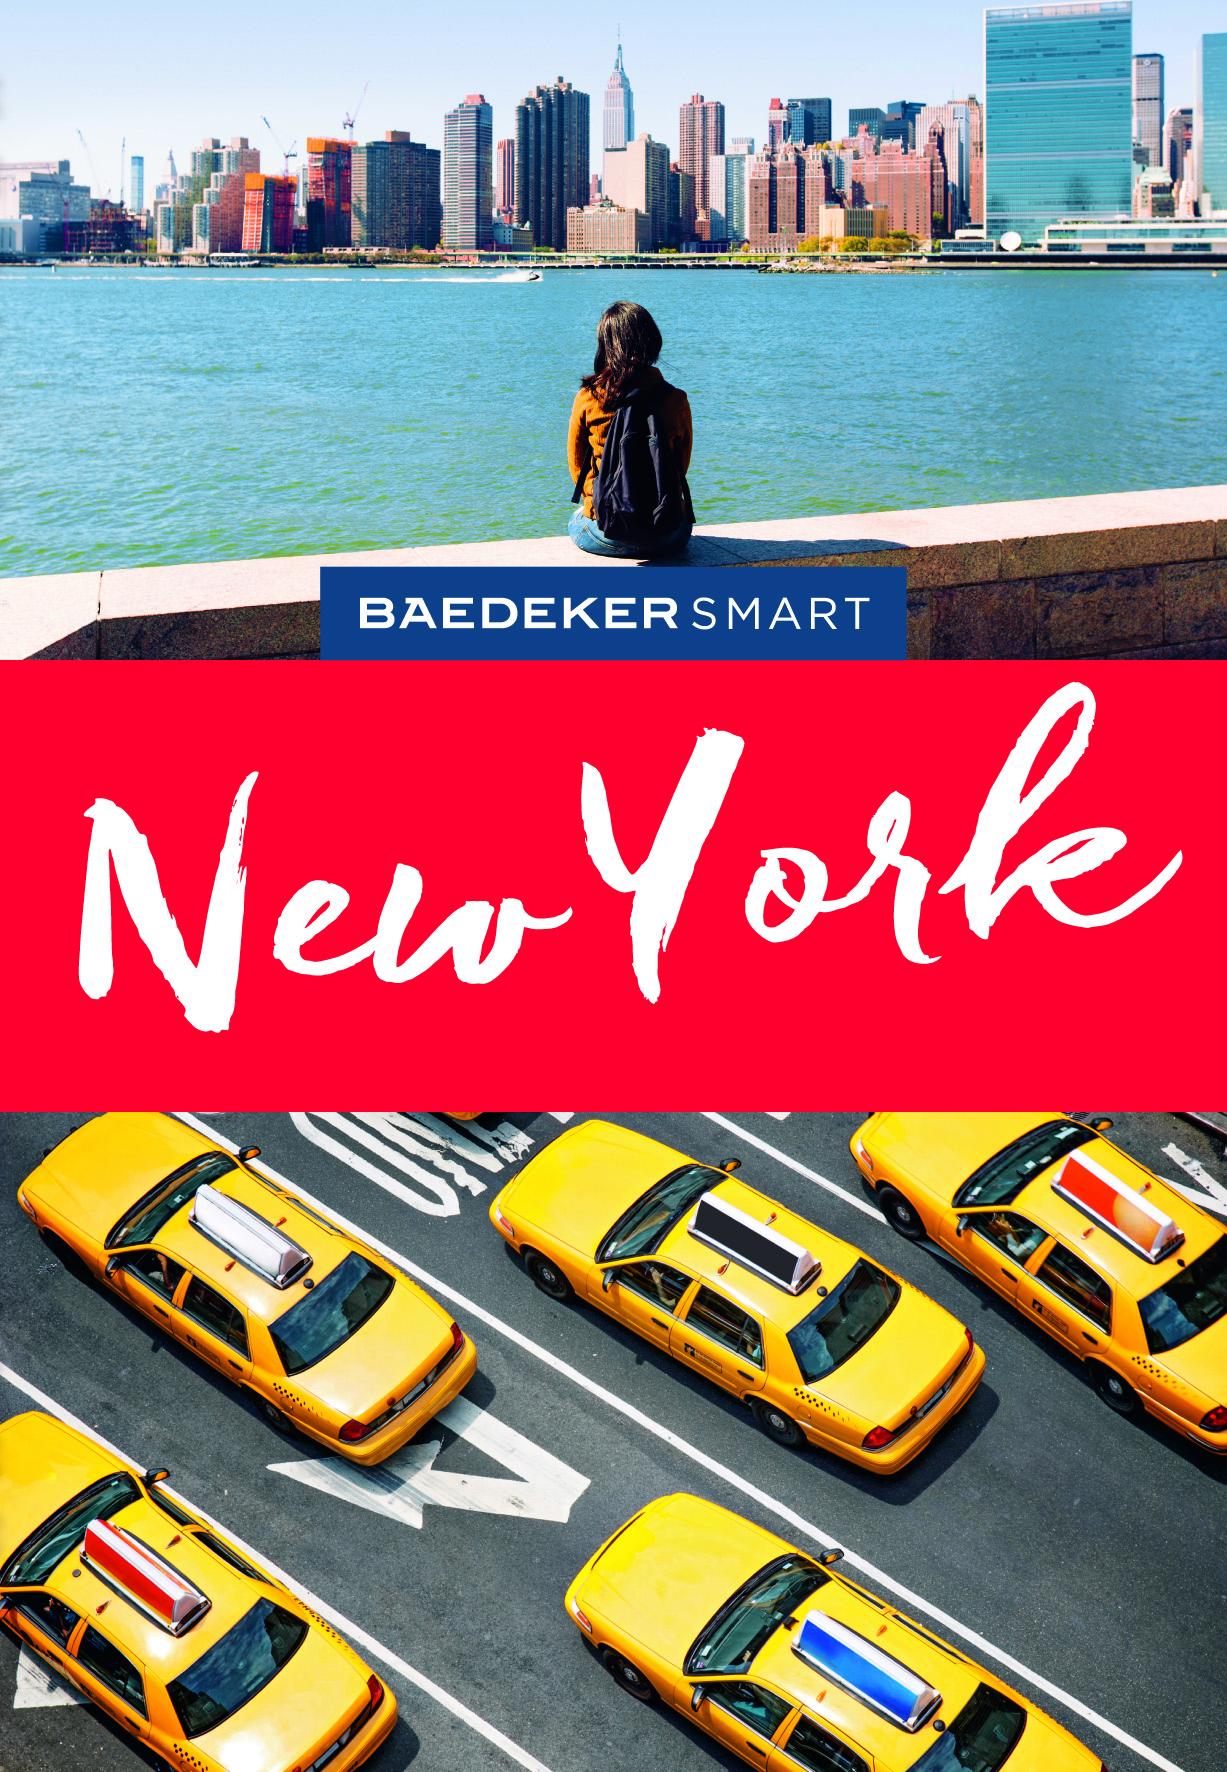 Baedeker Smart - New York (Cover)